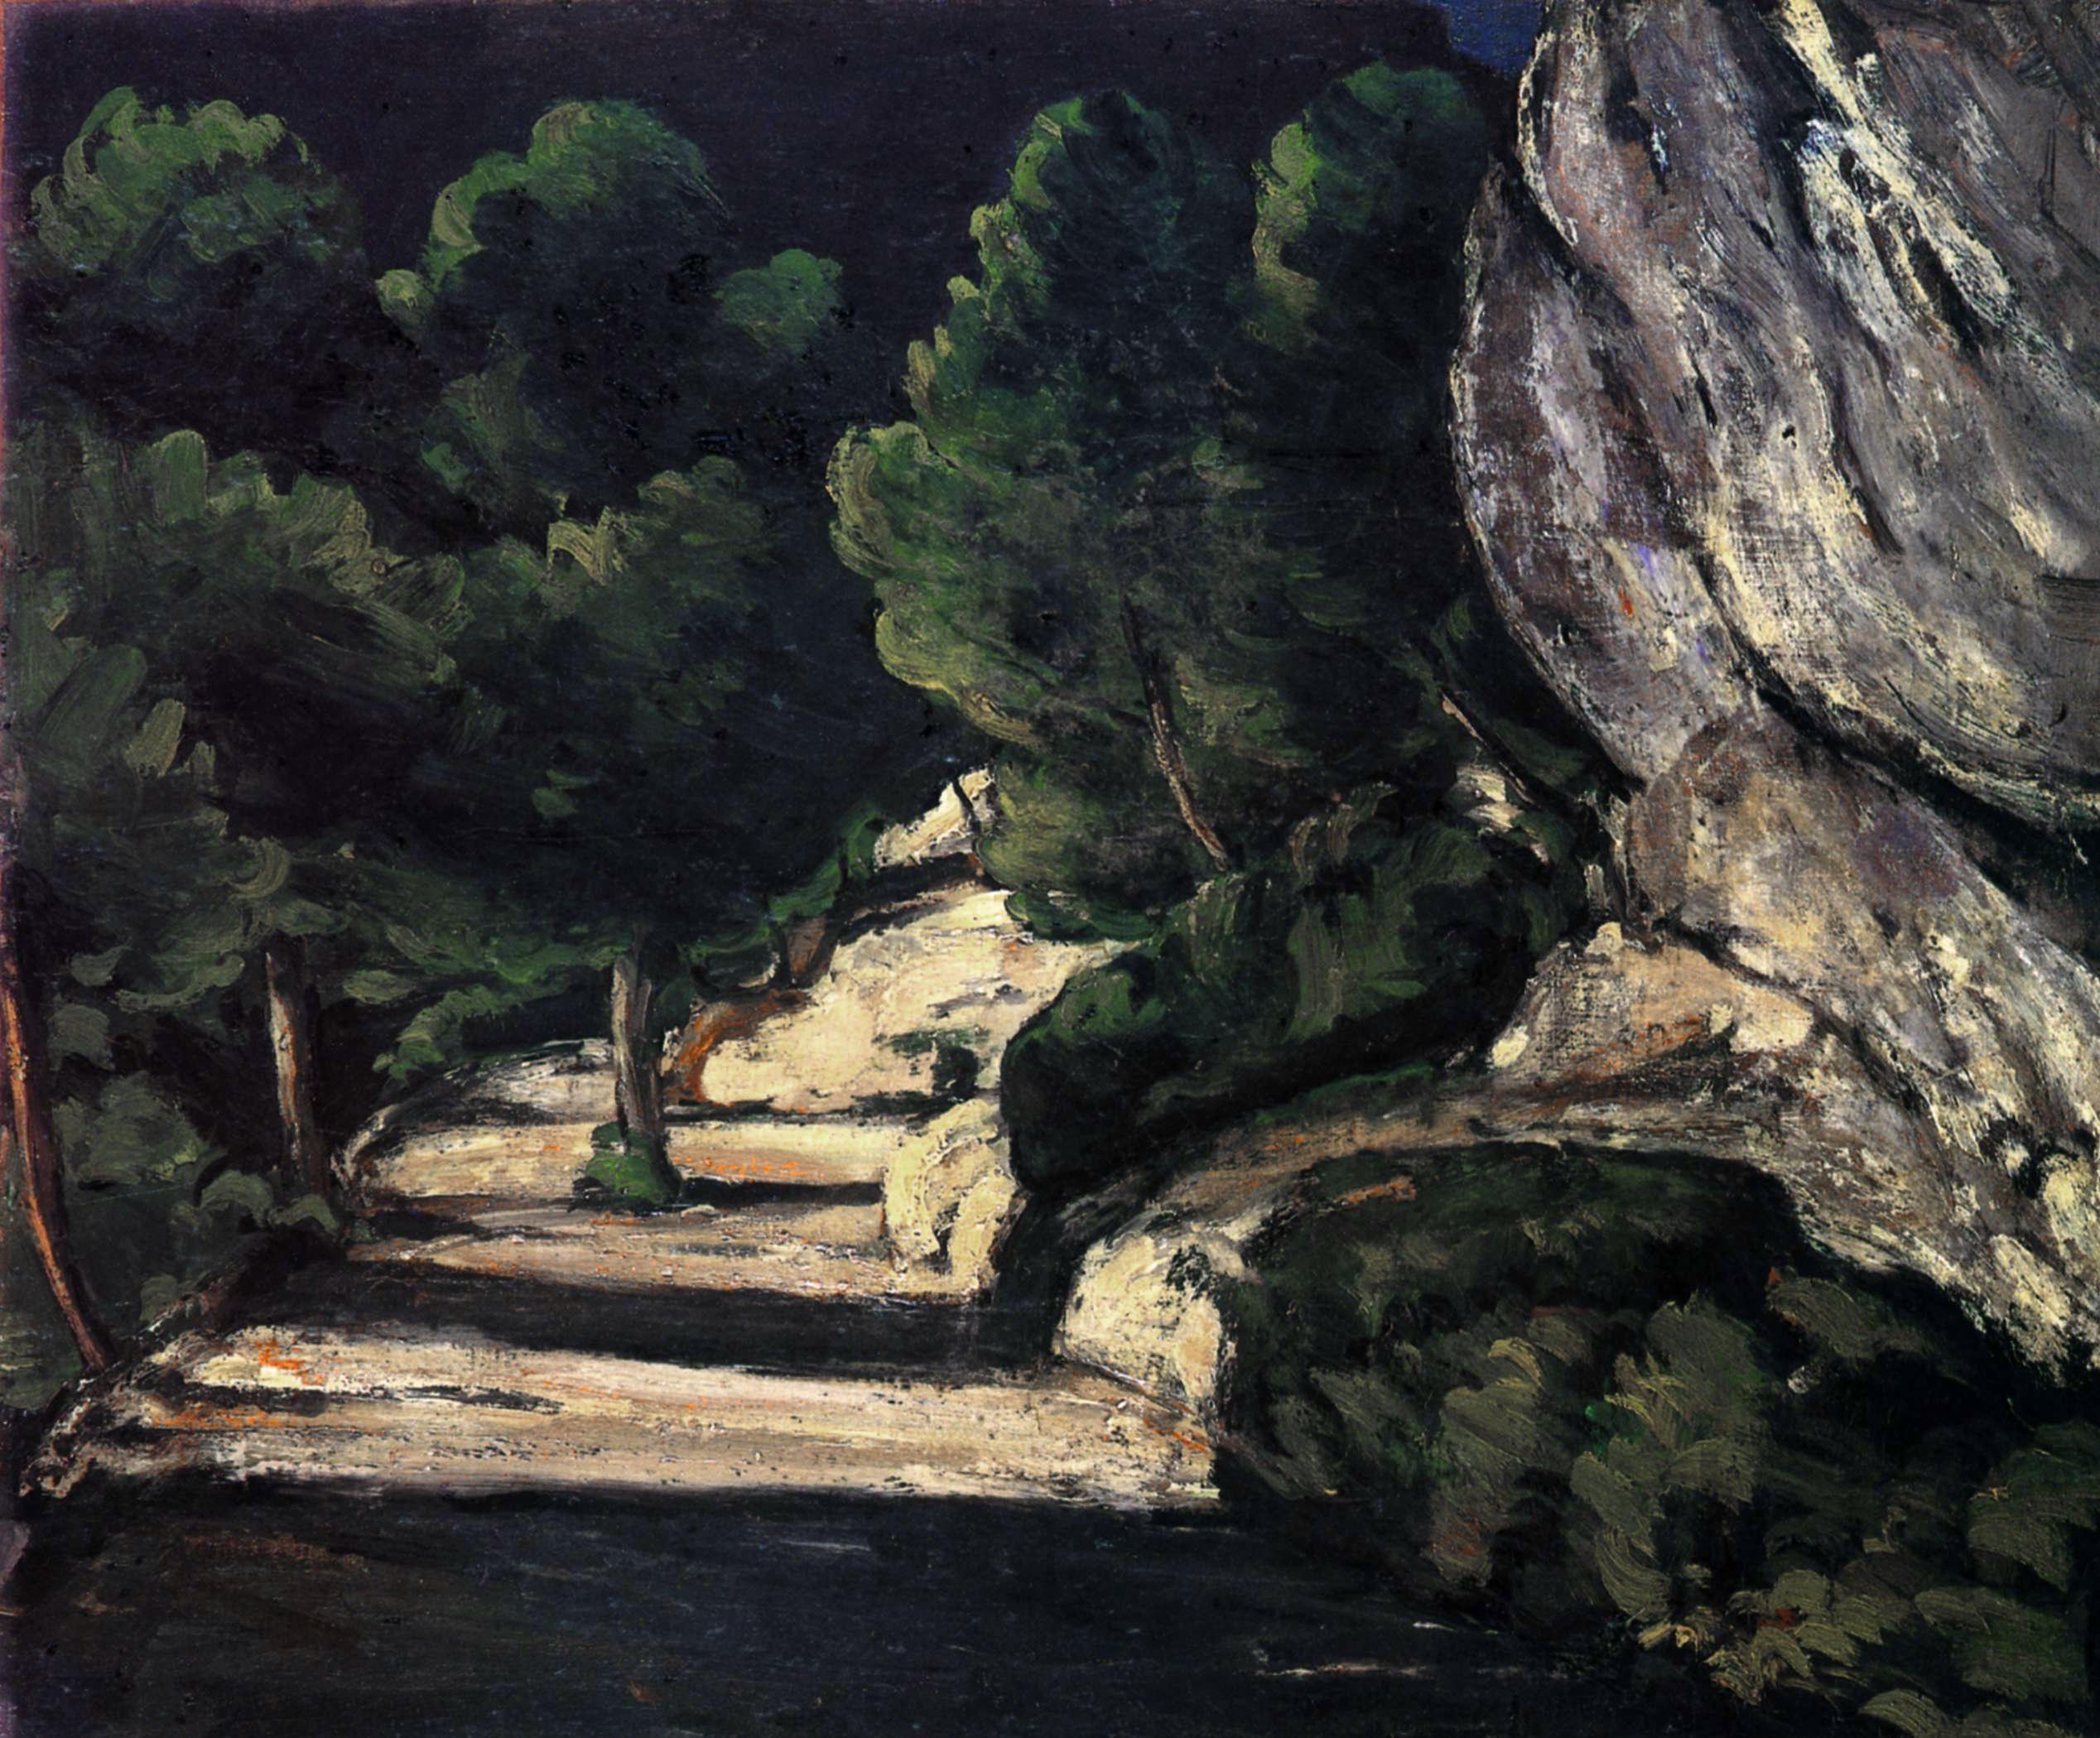 La_Route_forestière,_par_Paul_Cézanne,_Yorck